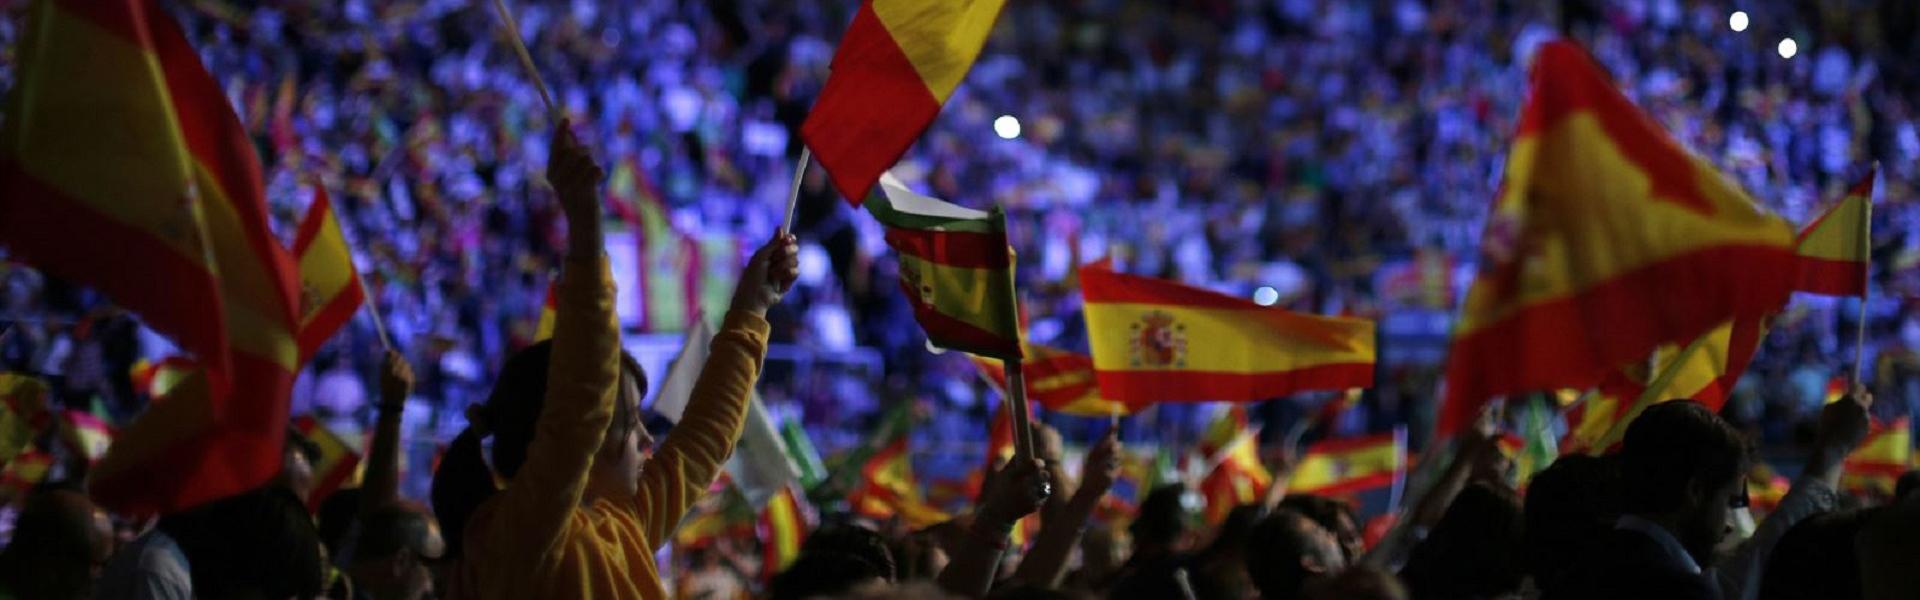 Vox populi: новые правые испанской политики